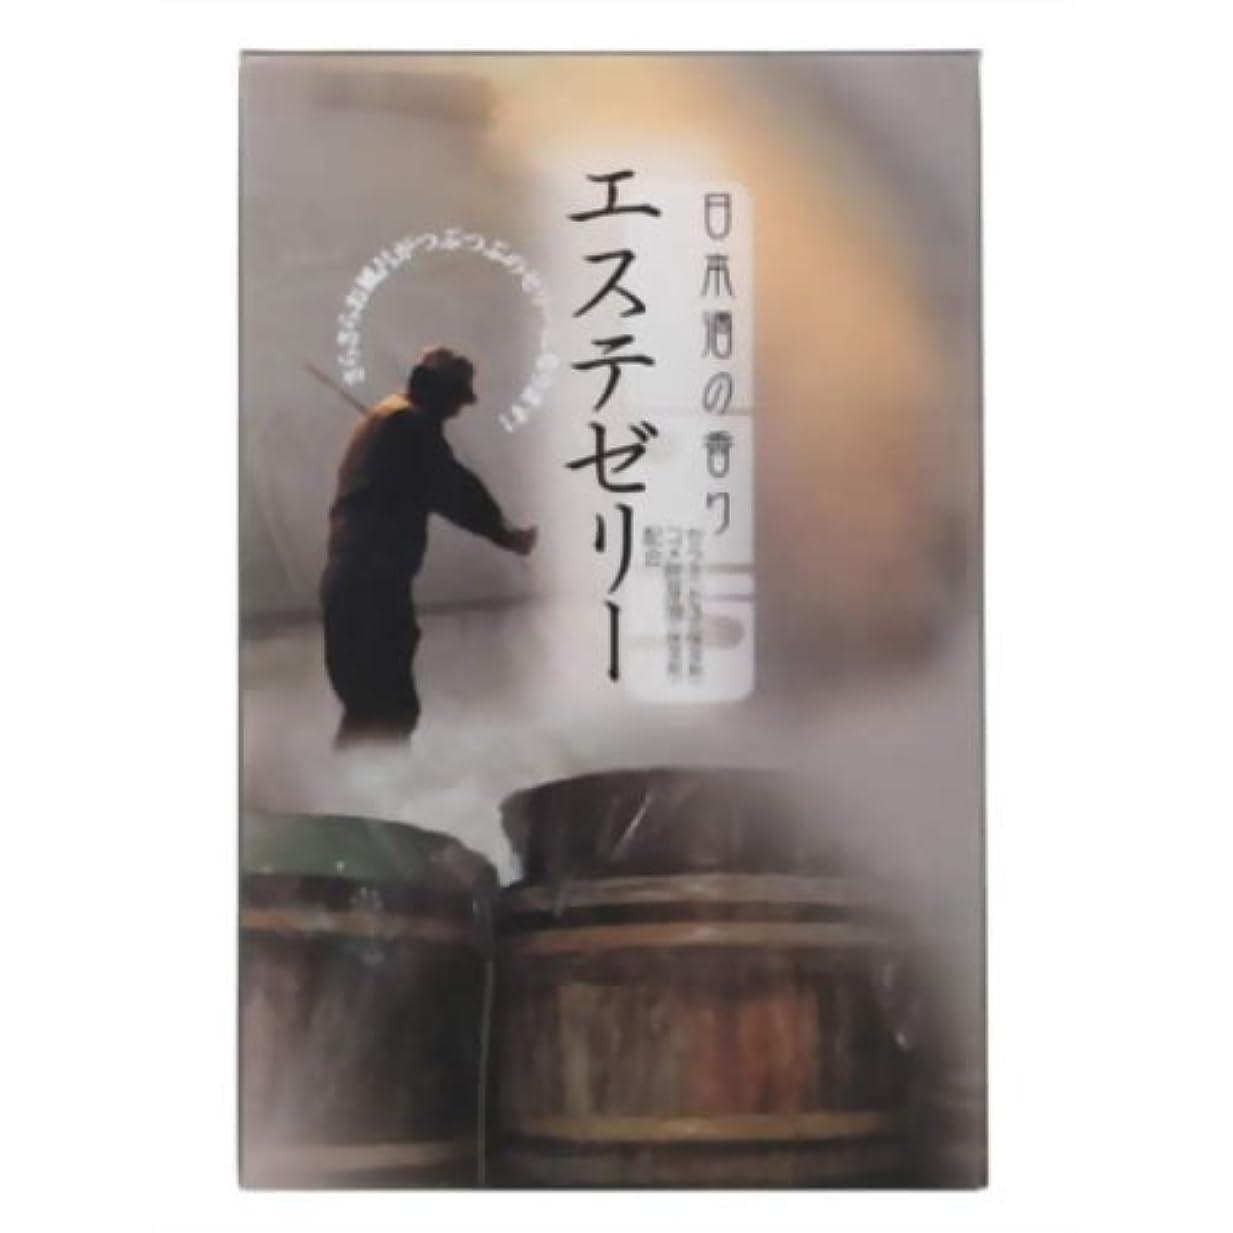 甘味不良エステゼリー 日本酒の香り